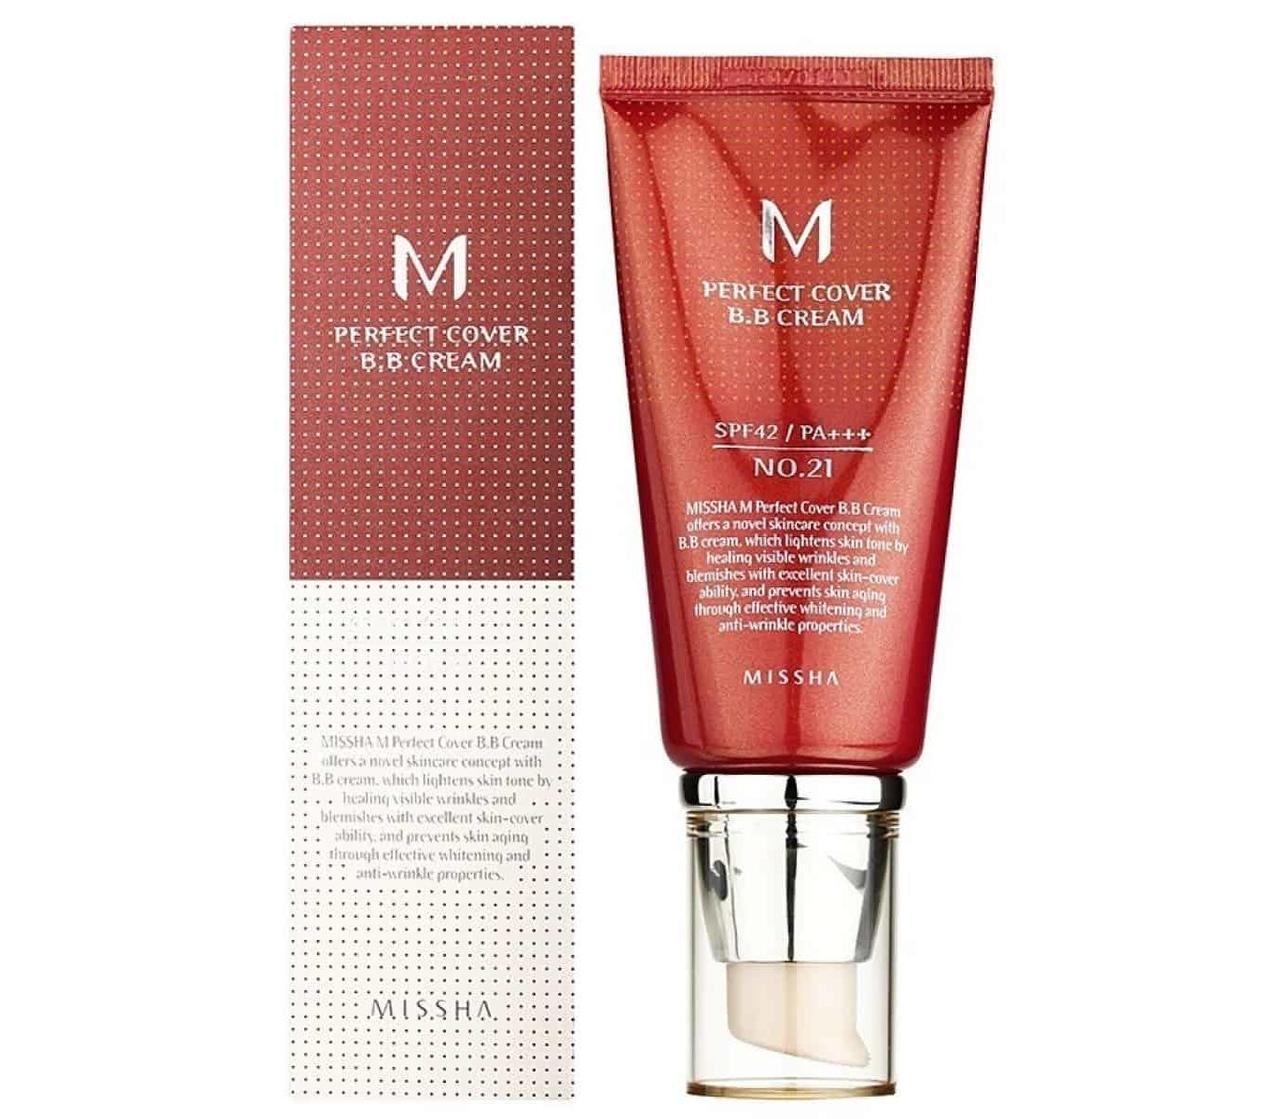 ВВ крем Missha M Perfect Cover BB Cream SPF42/PA+++ No21/Light Beige(50ml), оригинал